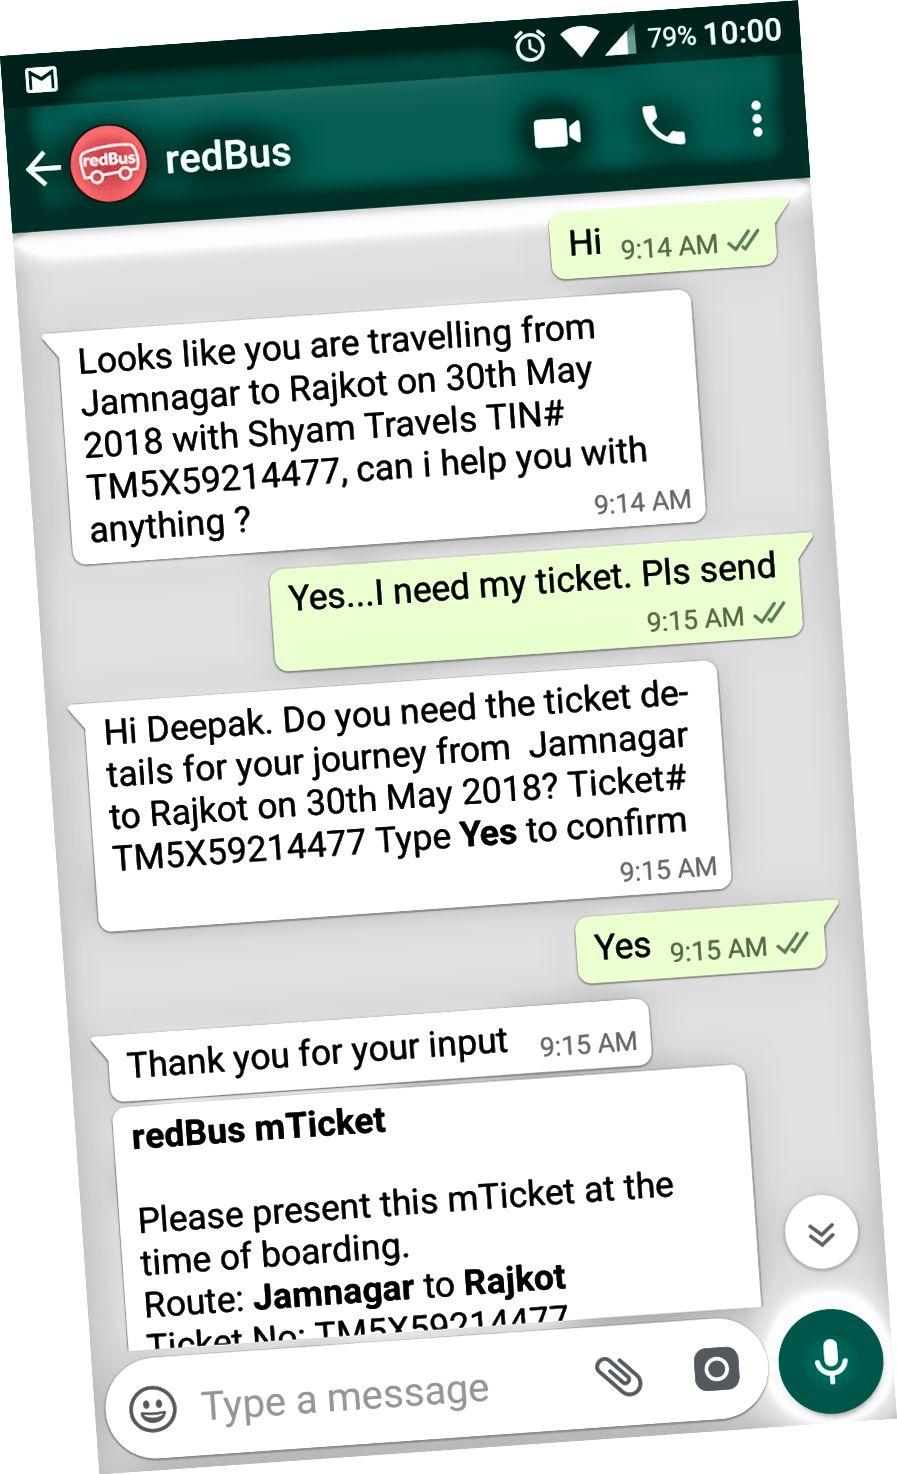 WhatsApp Bot Kullanıcının Bilet Ayrıntıları Sorgusunu Yanıtlıyor